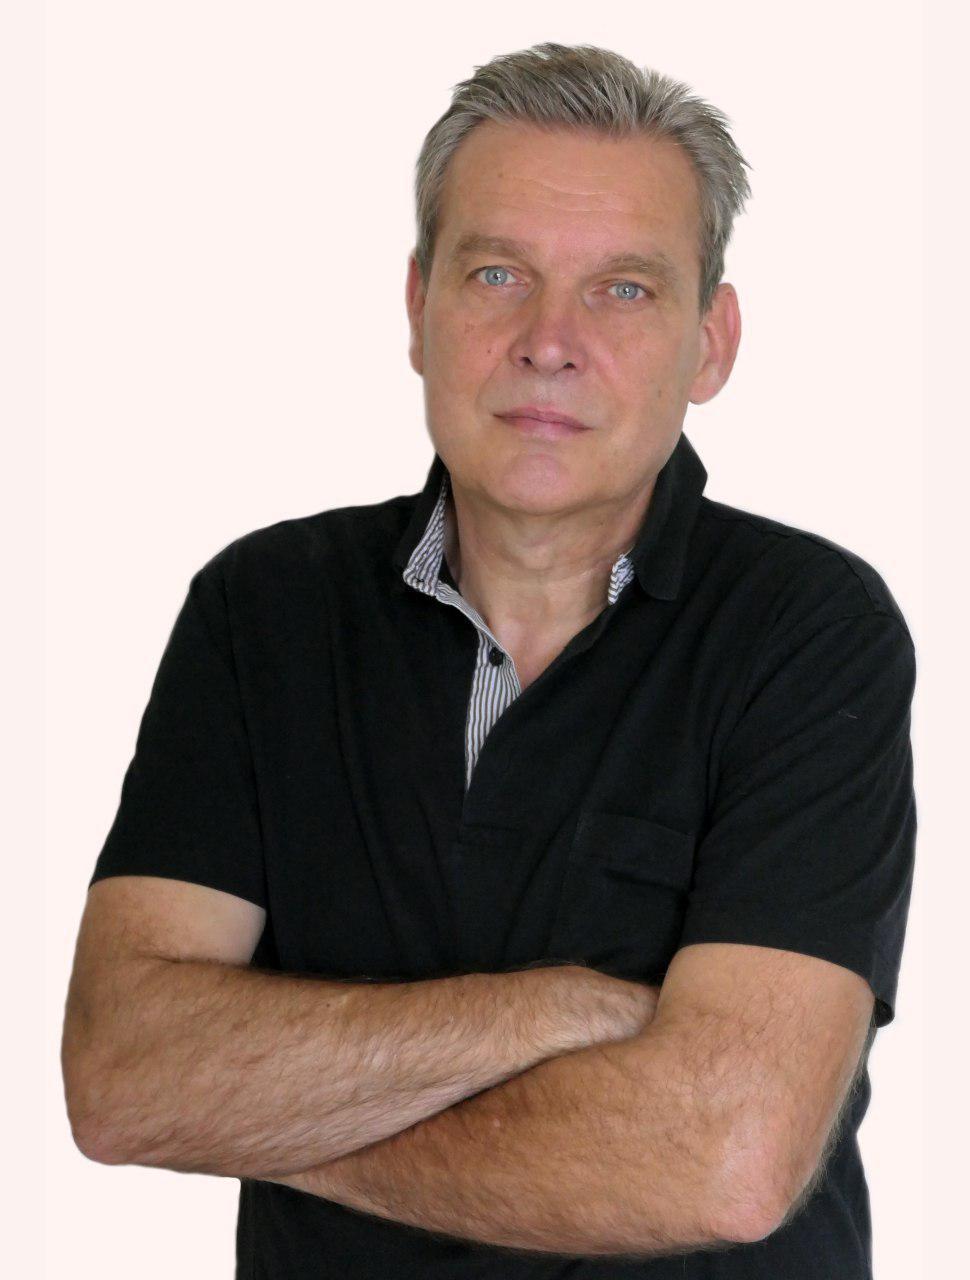 викладач Школи Креатив Jacco Stolker